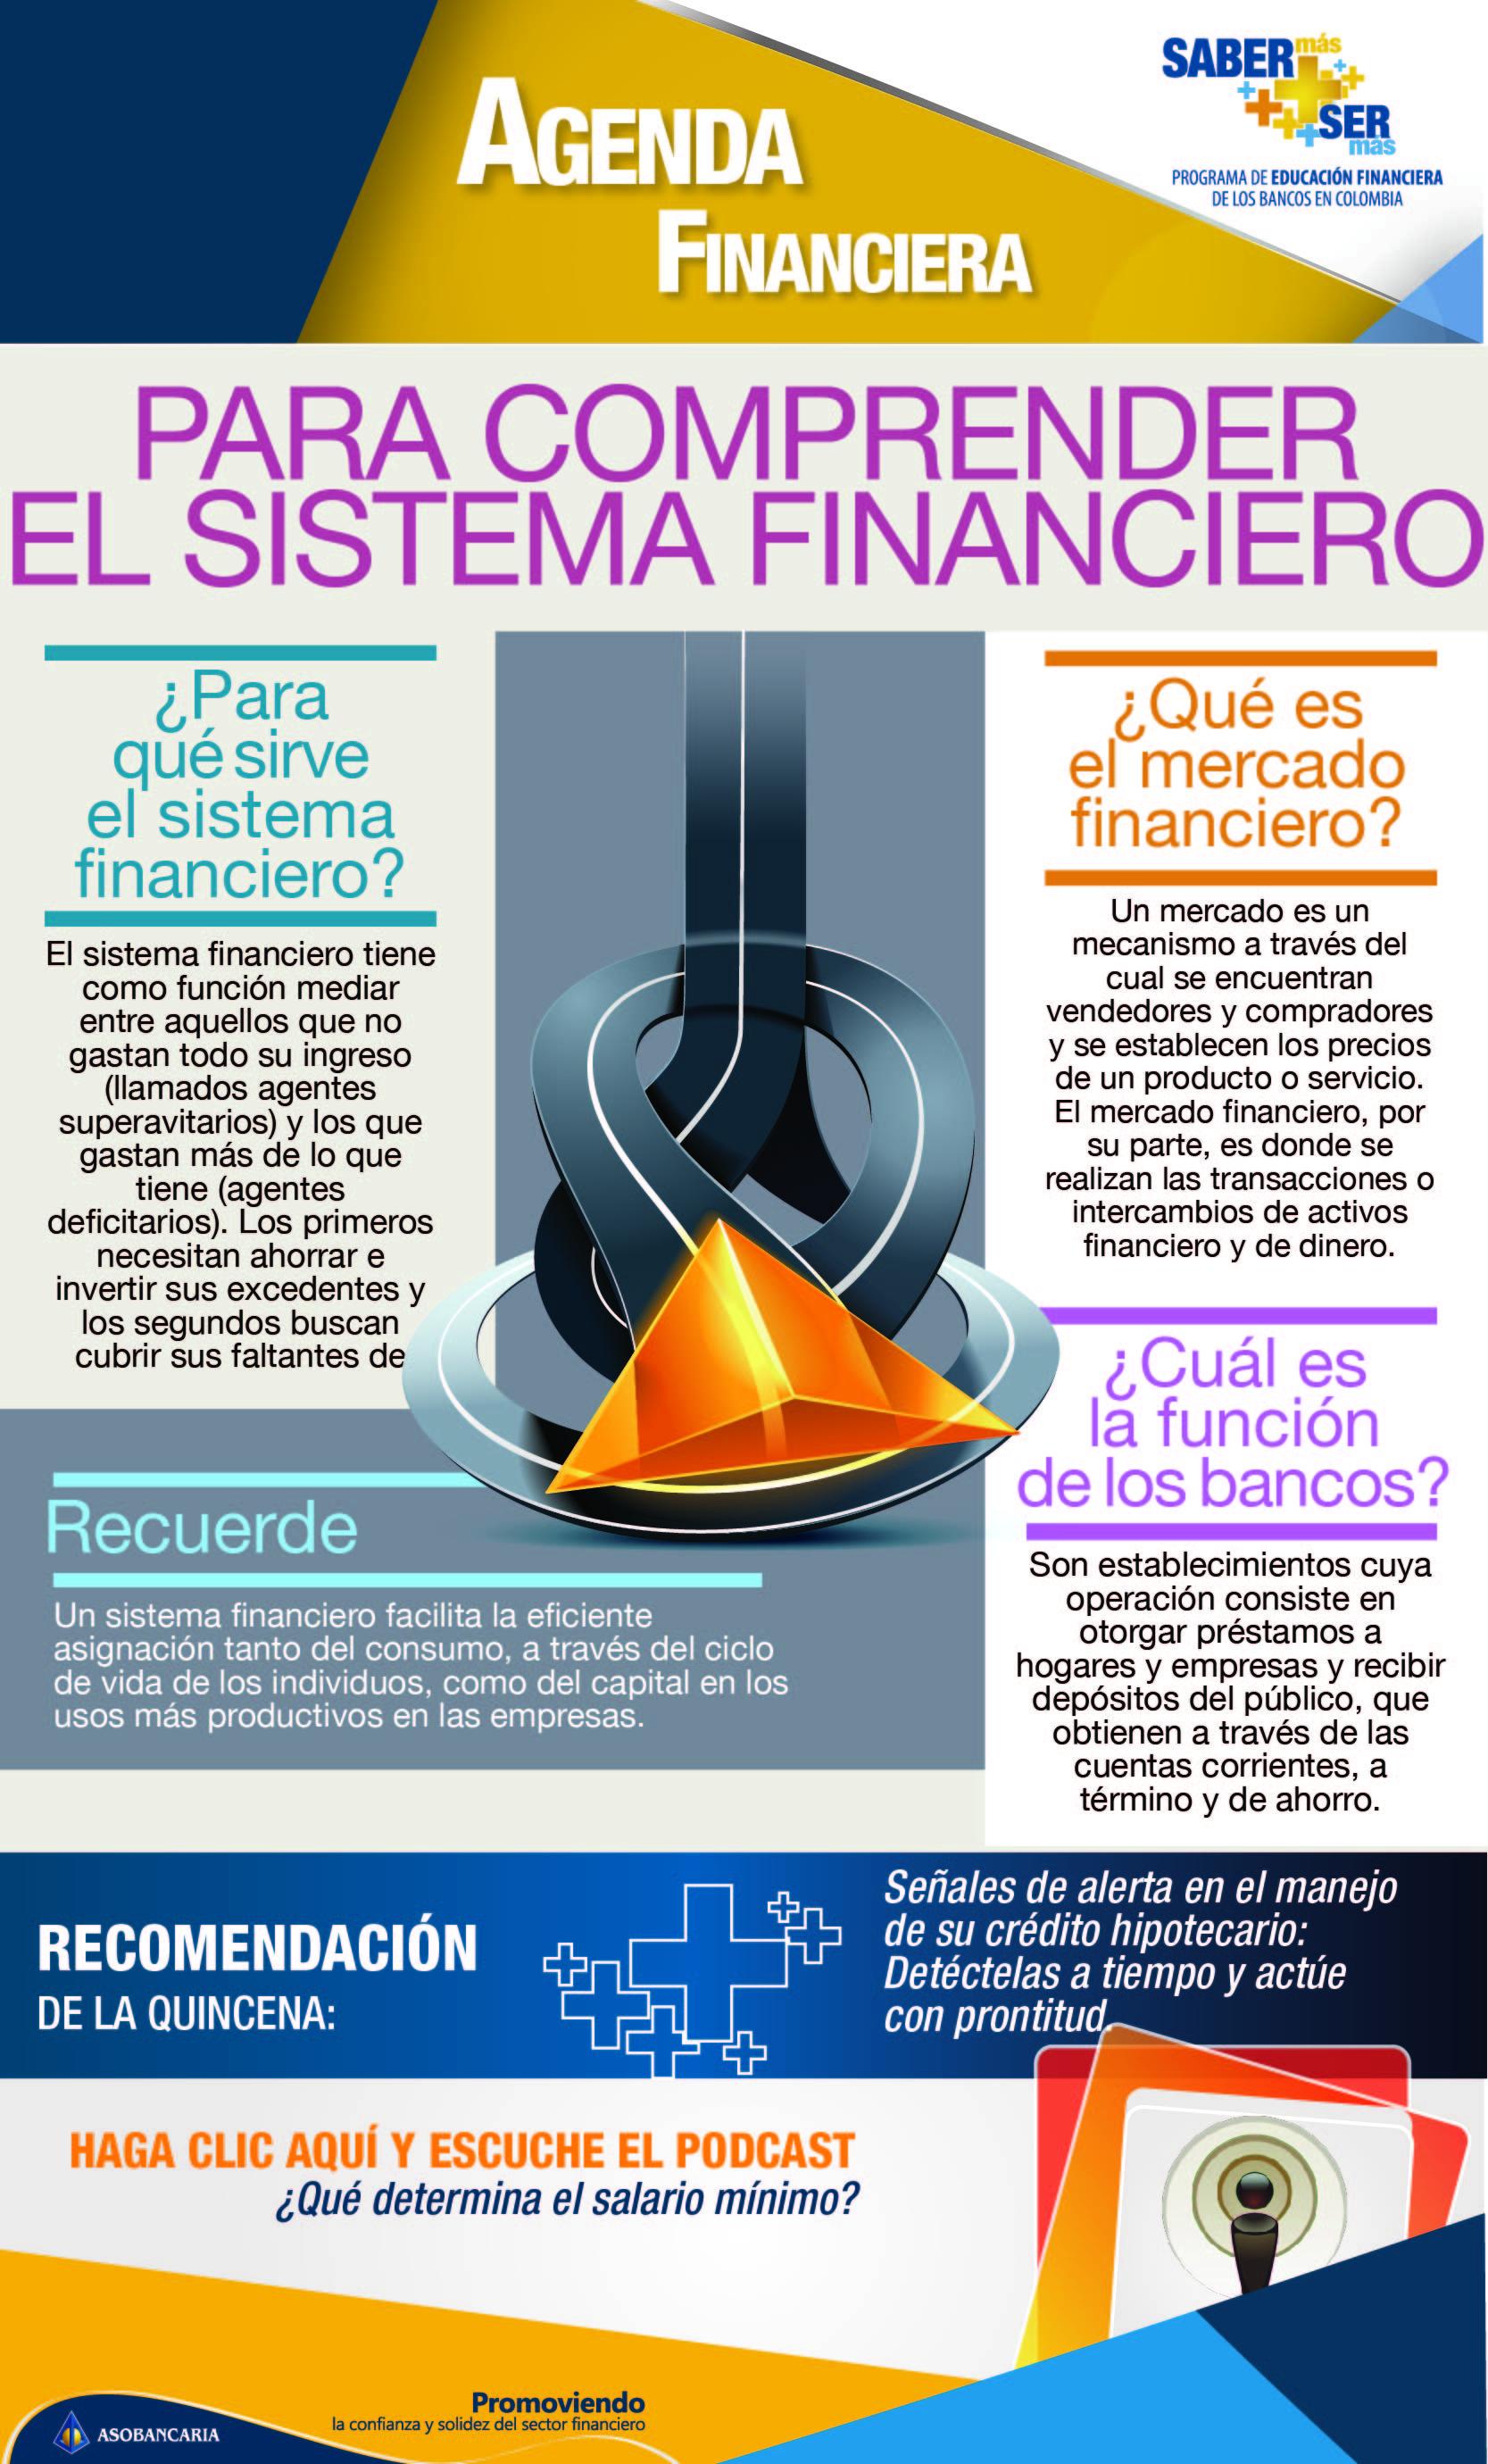 Boletin 22 - Para comprender el sistema financiero